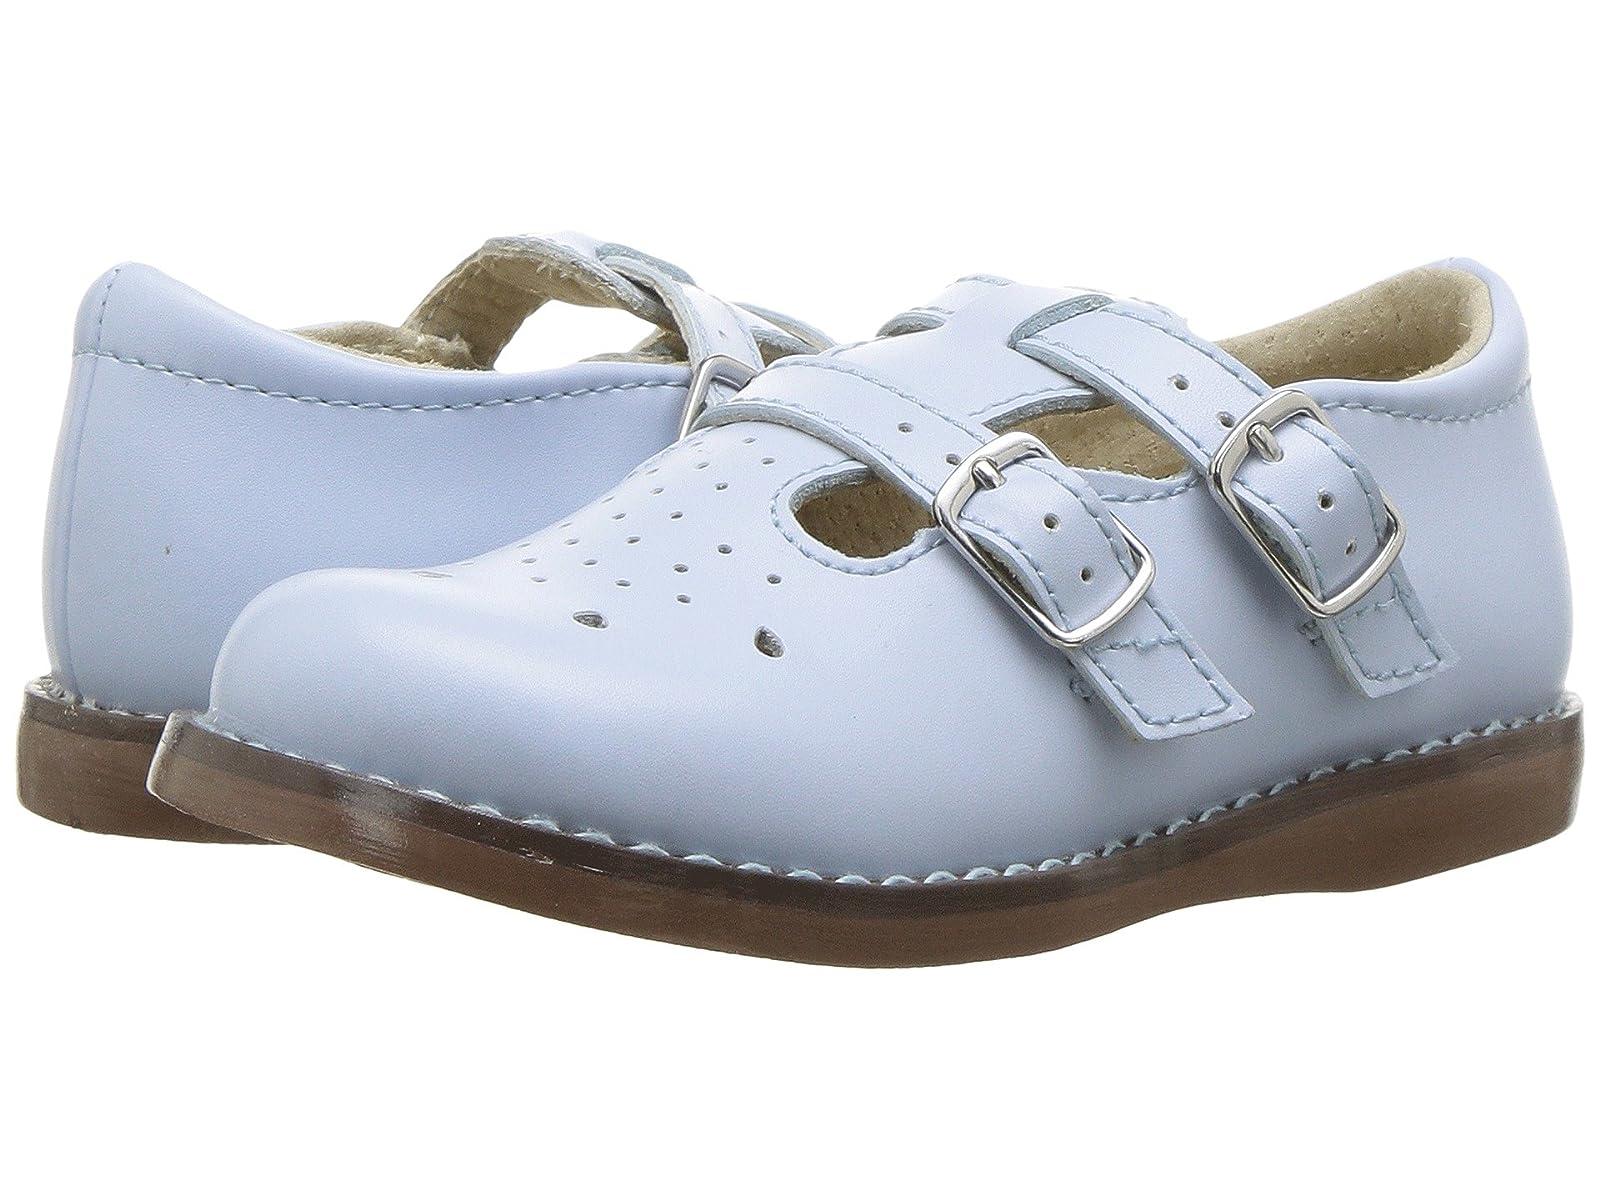 FootMates Danielle 3 (Infant/Toddler/Little Kid)Atmospheric grades have affordable shoes